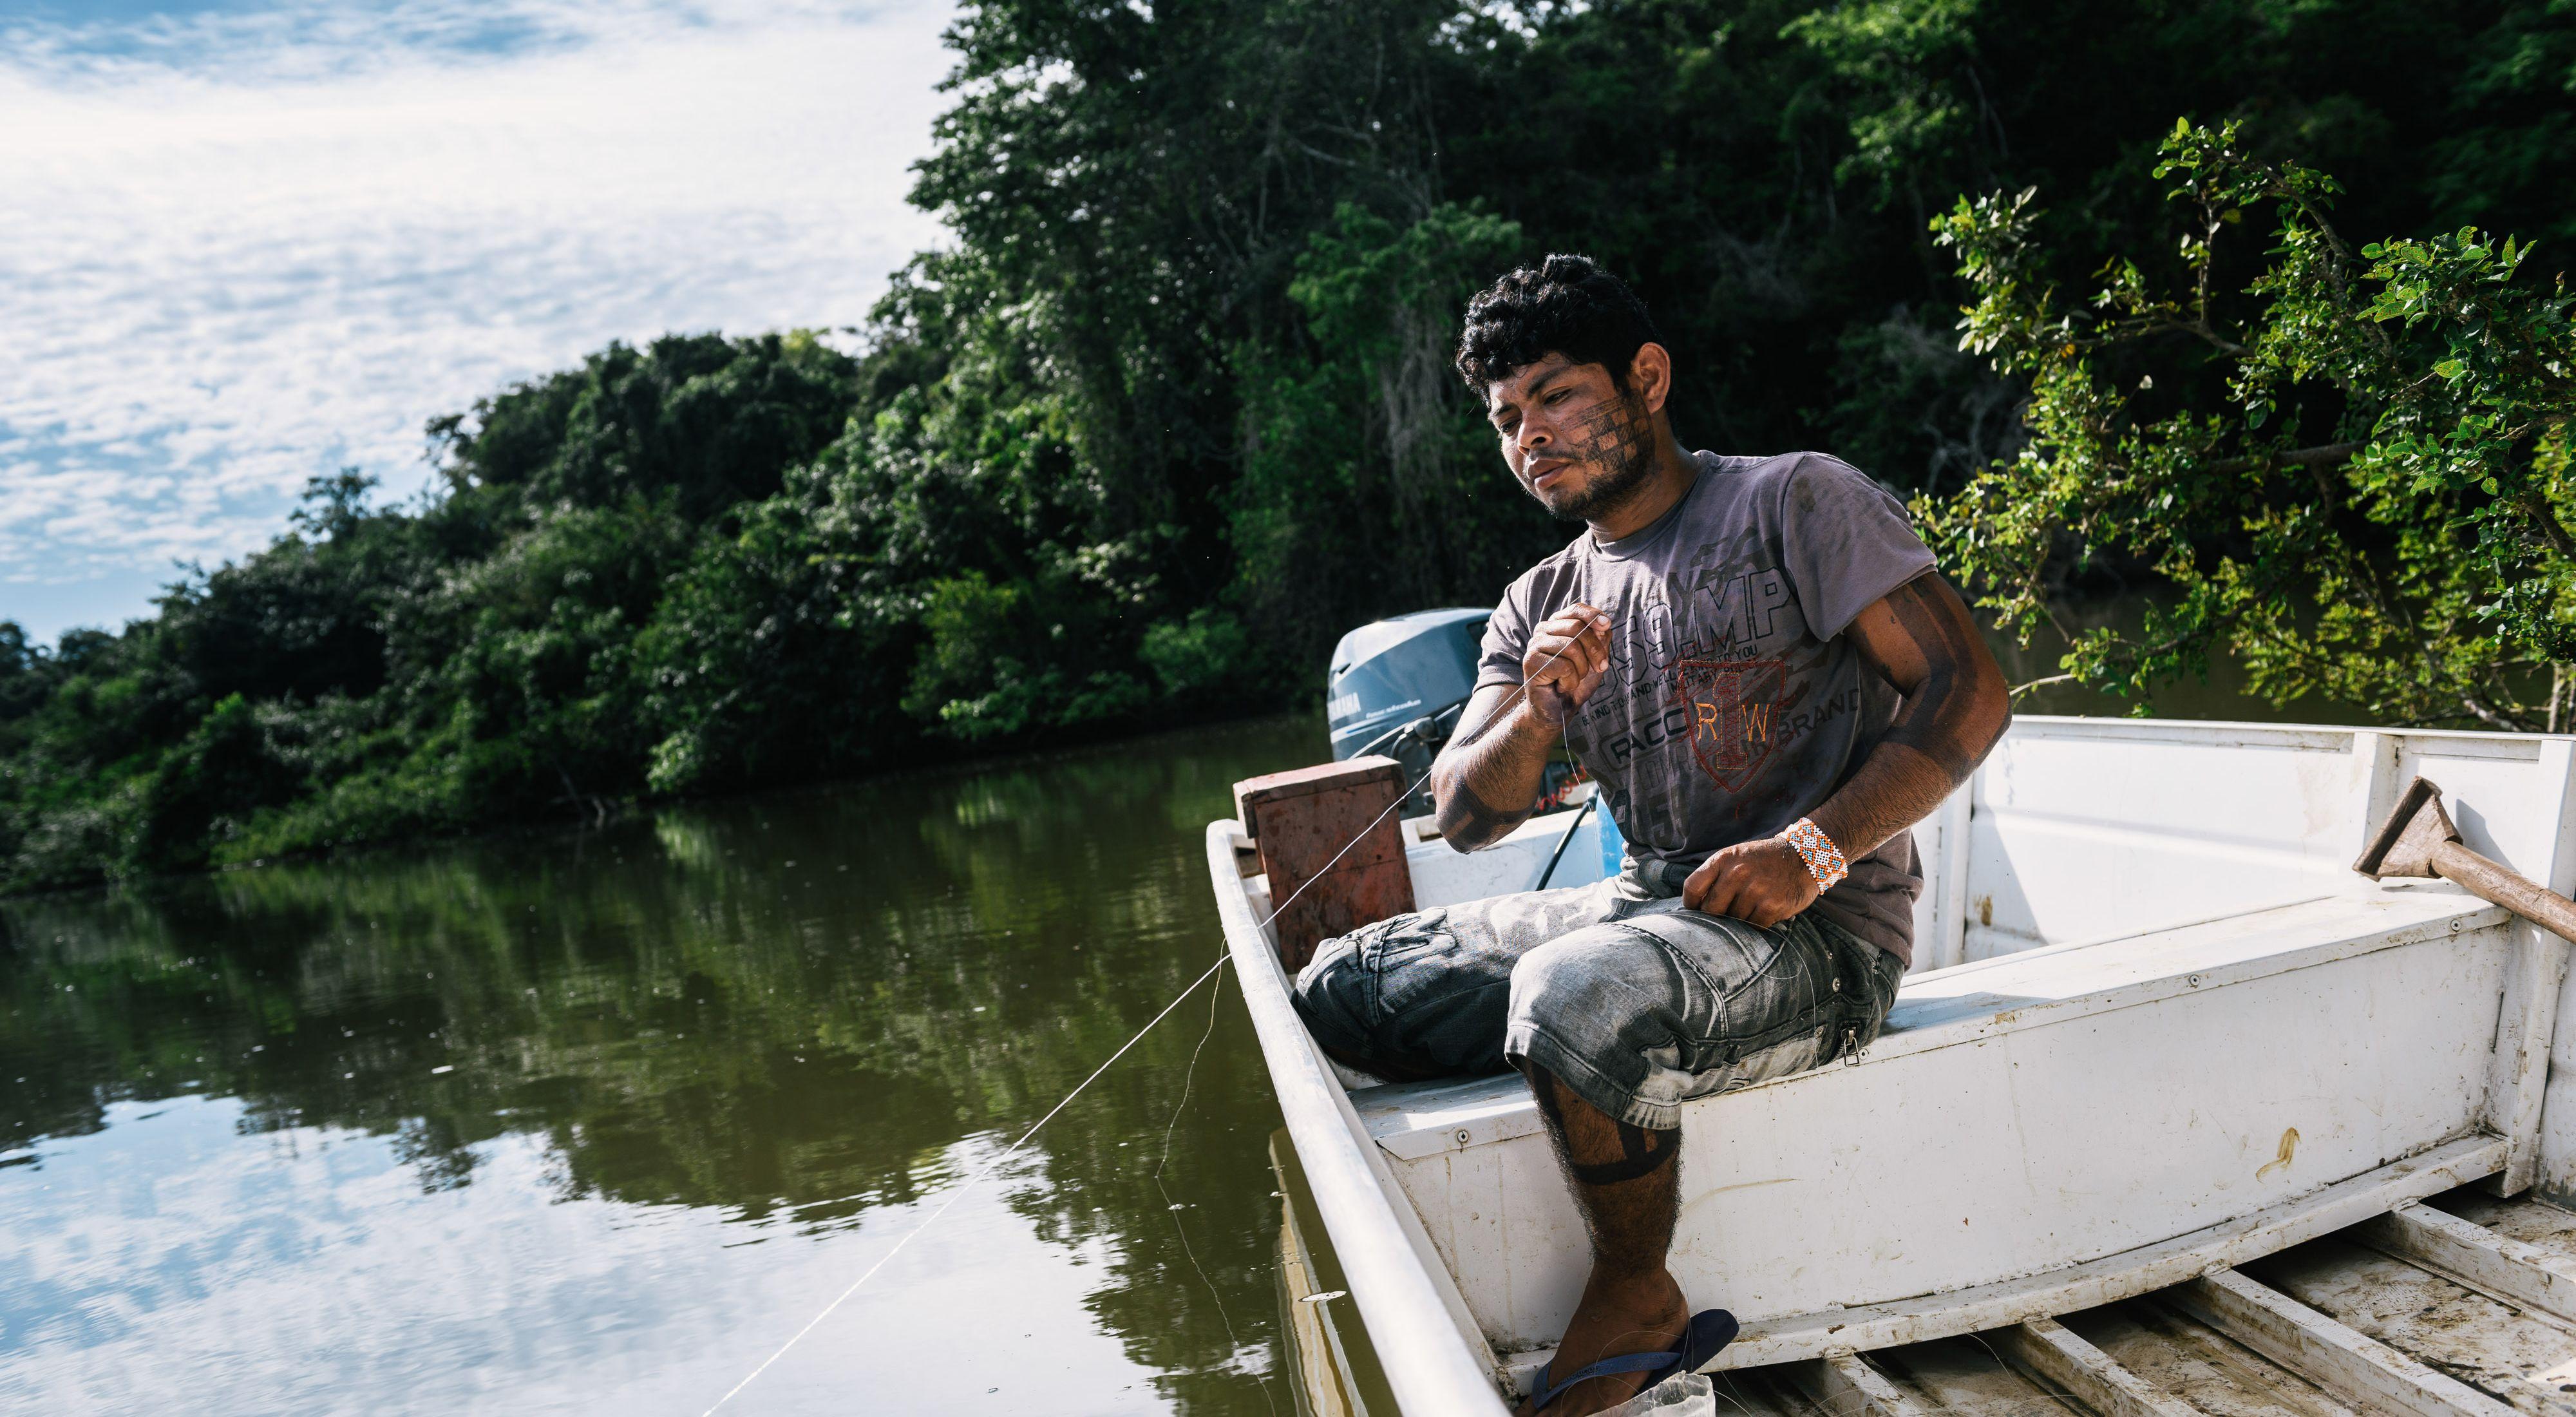 Tekakro usa muitos techinques como larva de coco para pegar peixinhos e, em seguida, usa peixinhos para pegar piranha